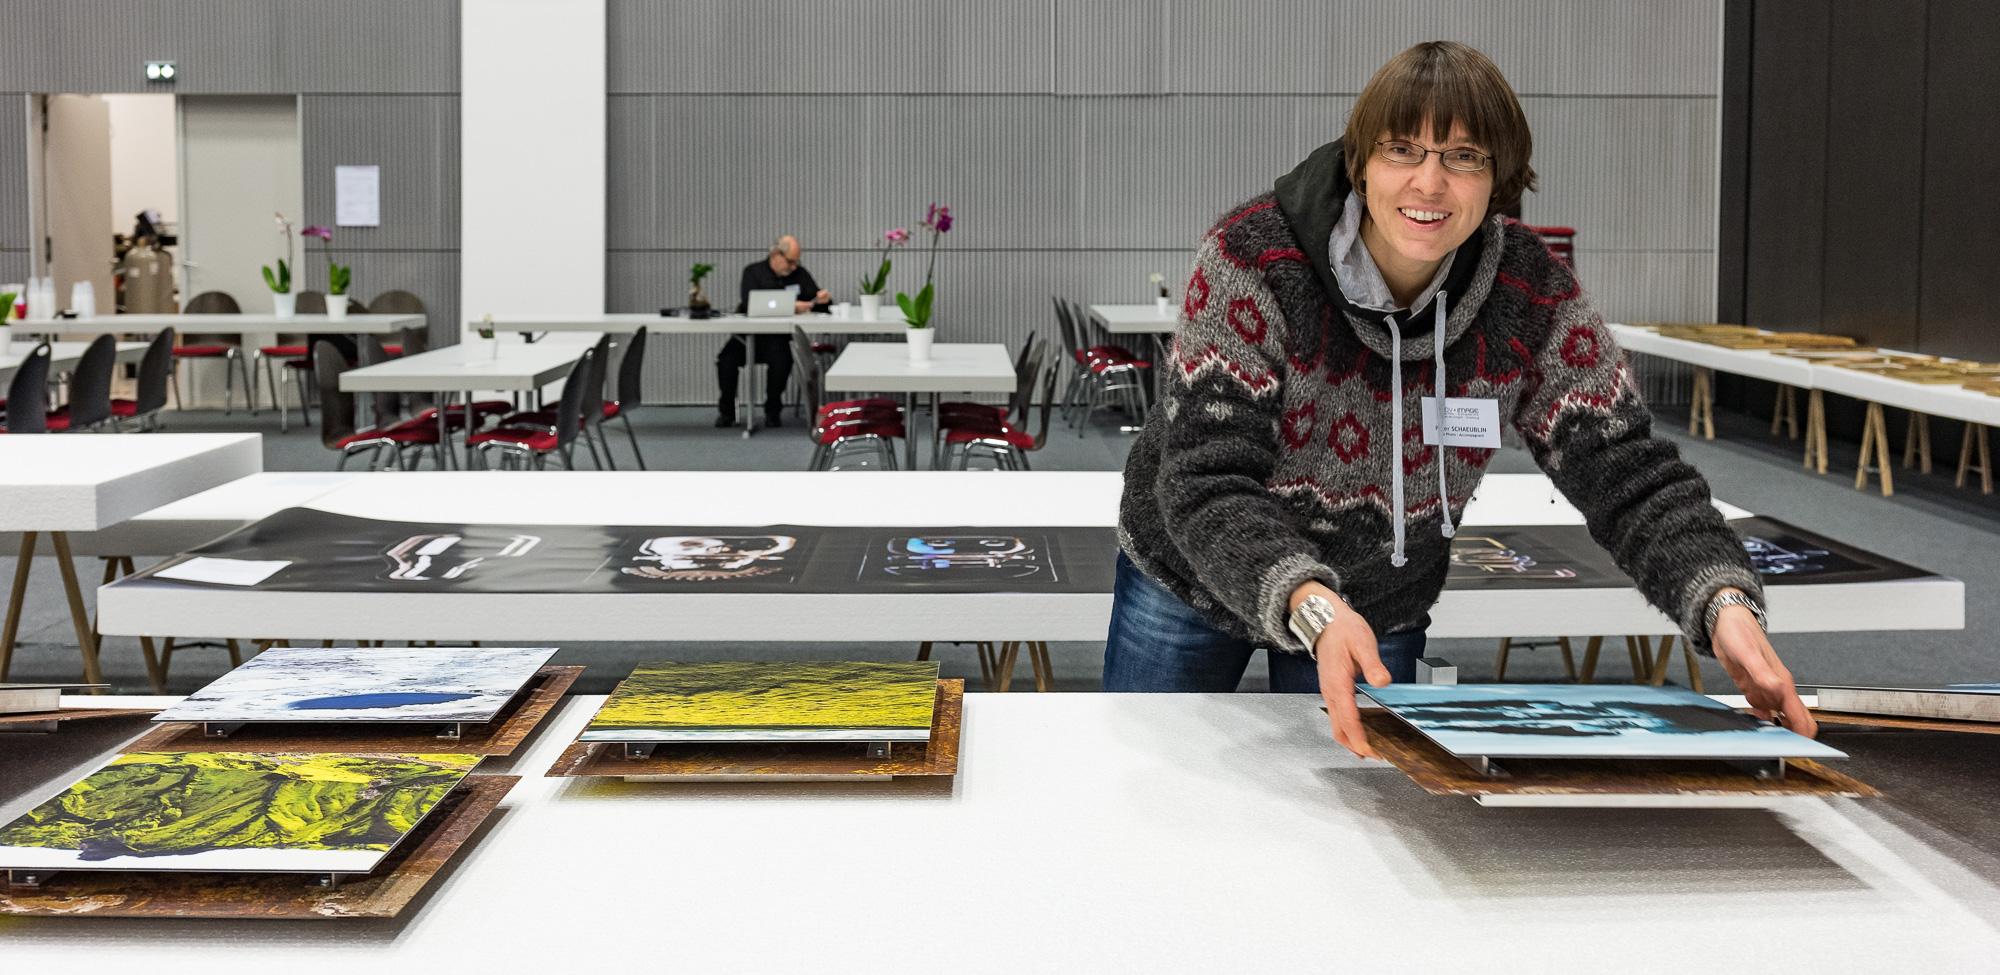 Ursula gestaltet unsere Ausstellungsfläche